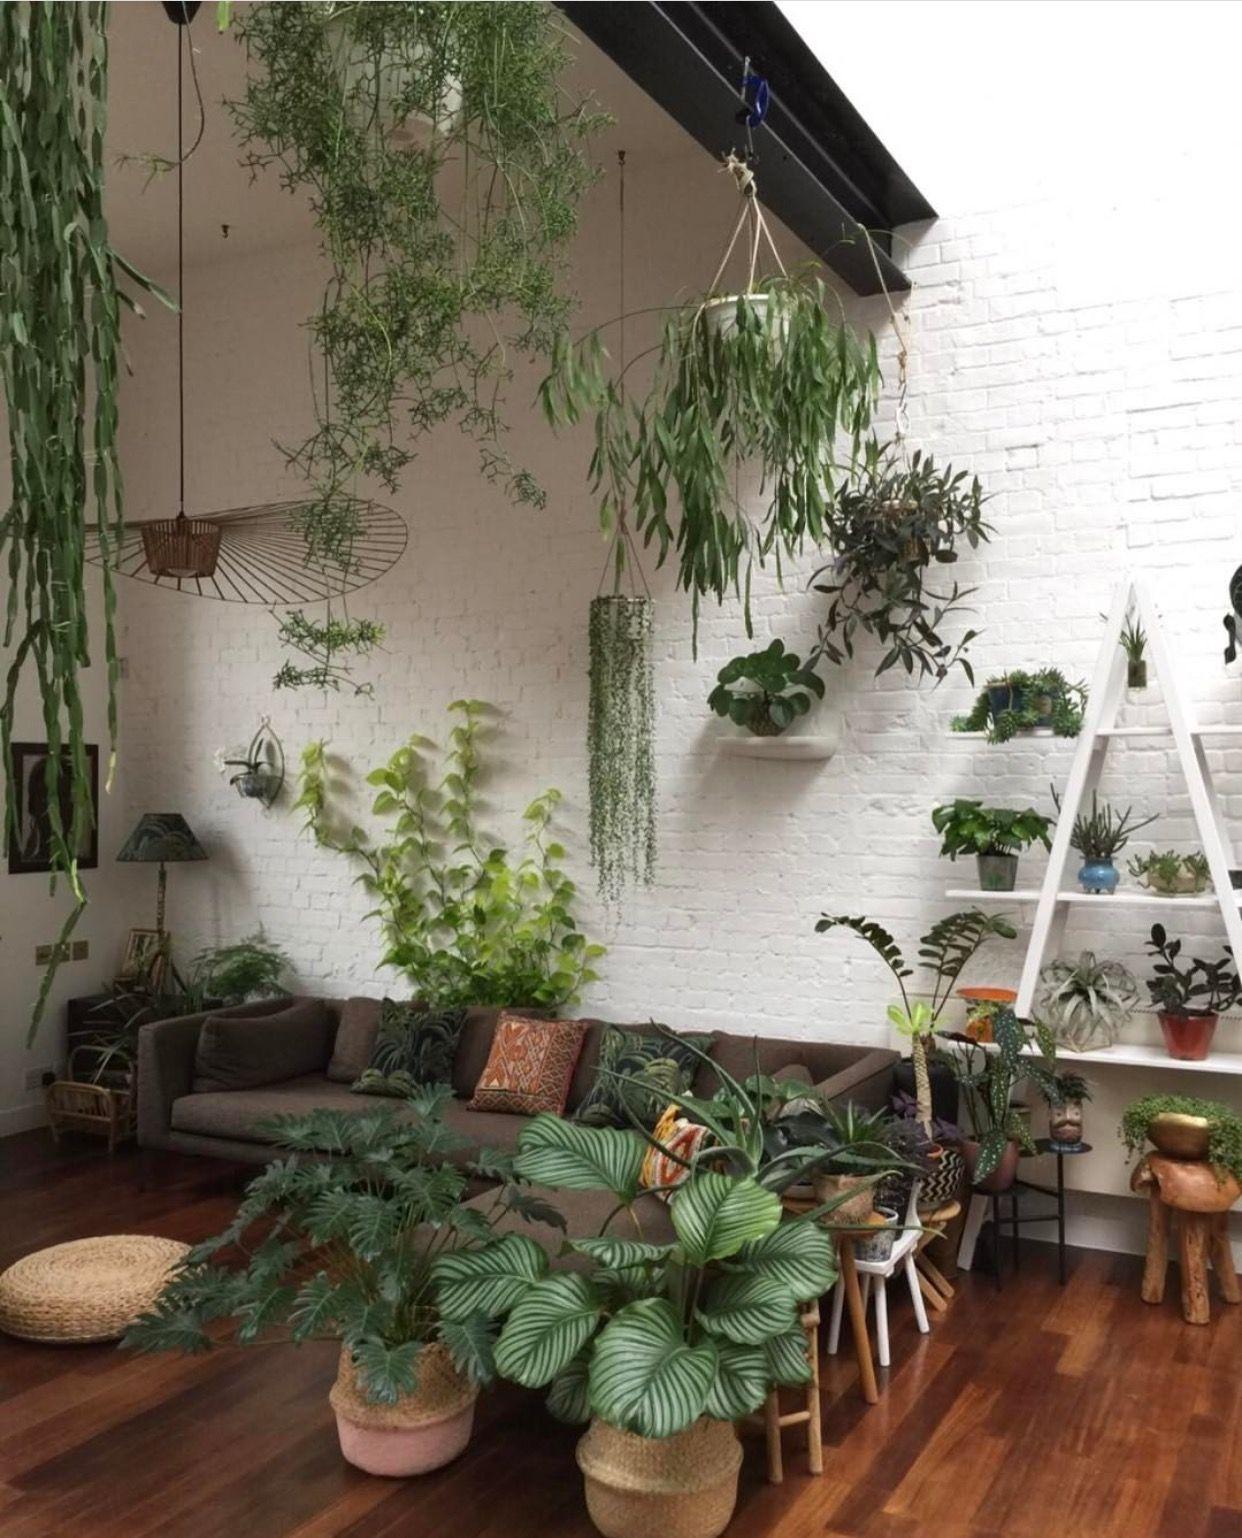 pin von anna maria beck auf ideen rund ums haus pinterest haus zuhause und wohnen. Black Bedroom Furniture Sets. Home Design Ideas